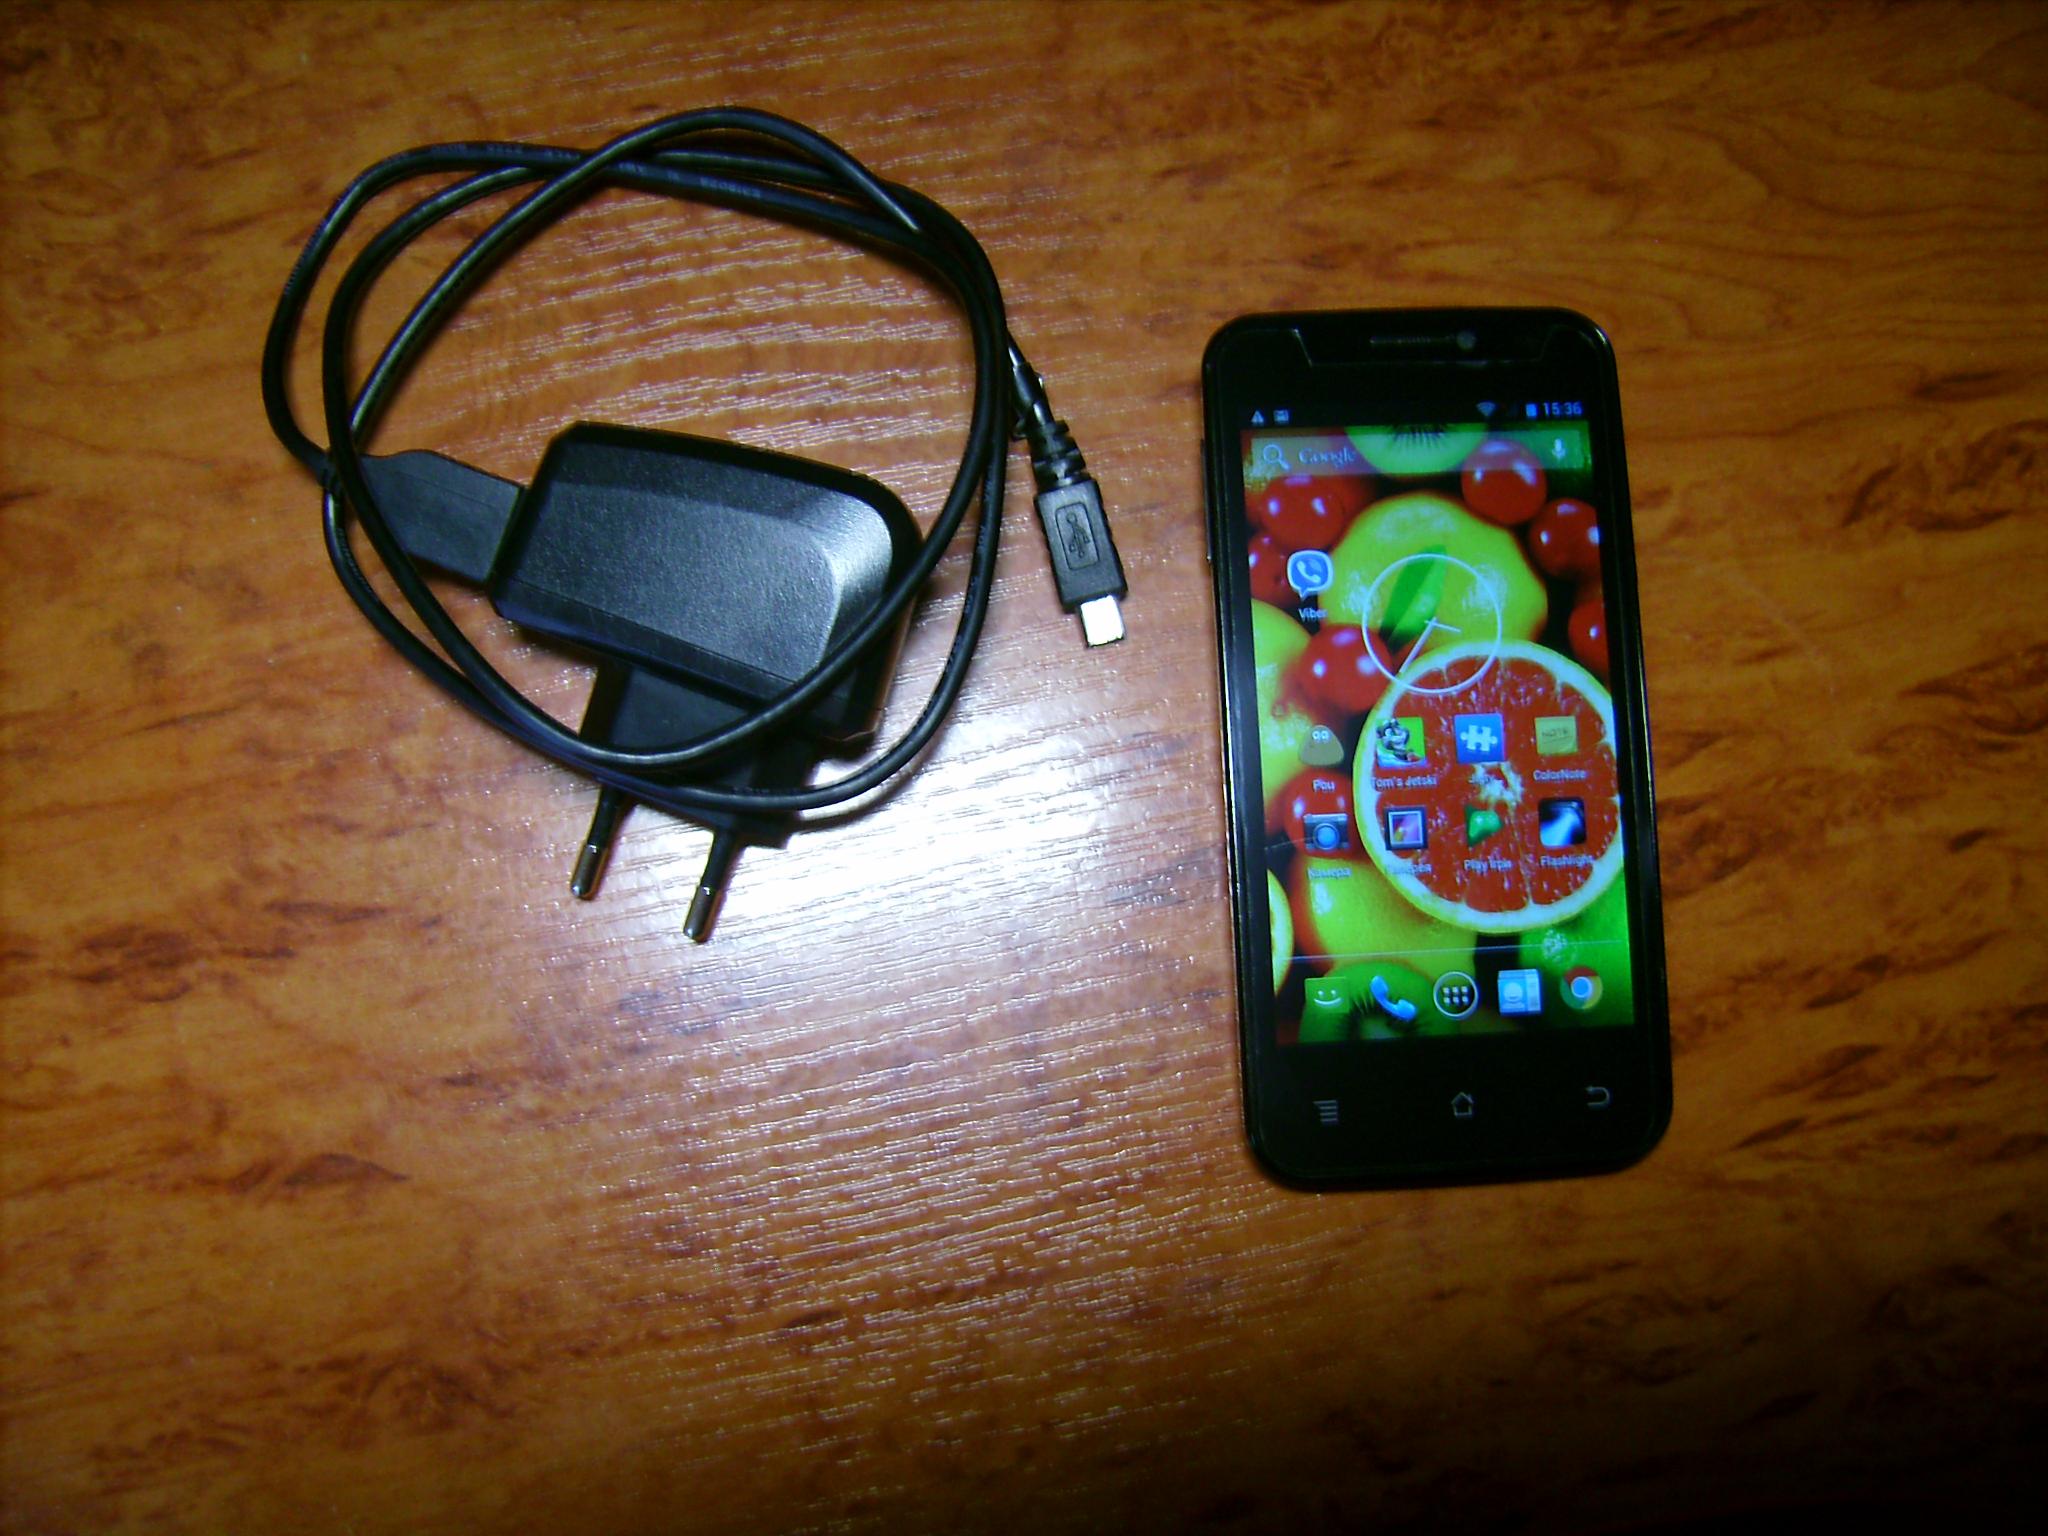 Смартфон Impression Imsmart 1.45, зображення 1